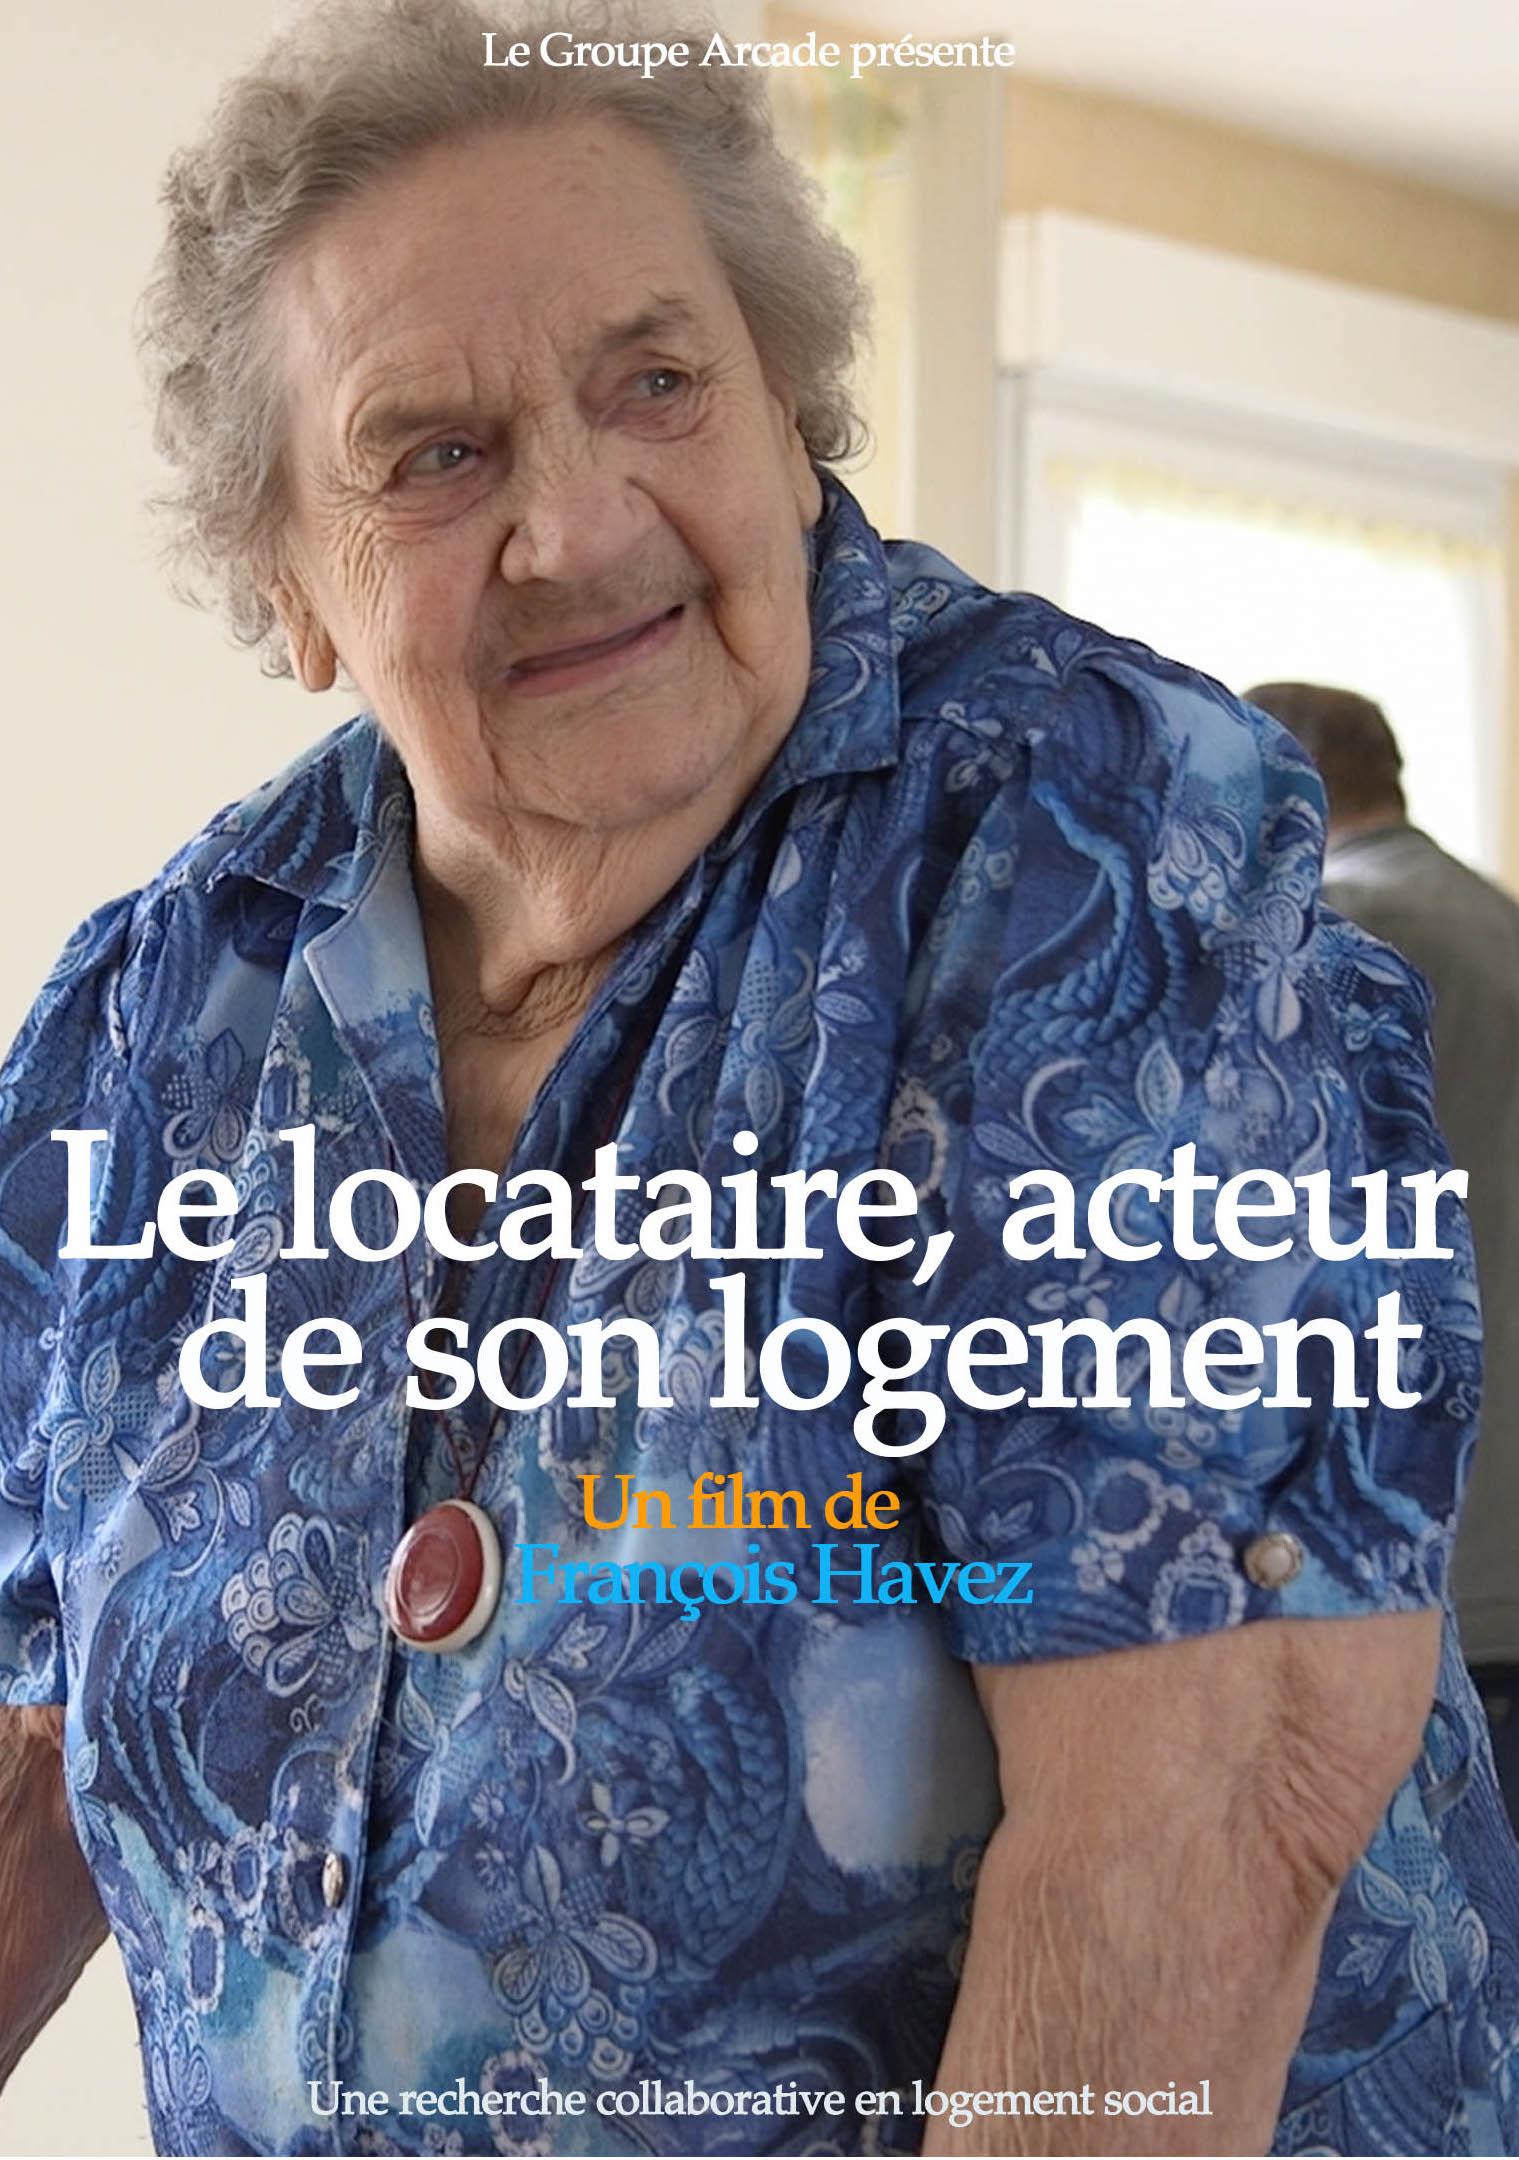 Jaquettes Le locataire, acteur de son logement 2 copie